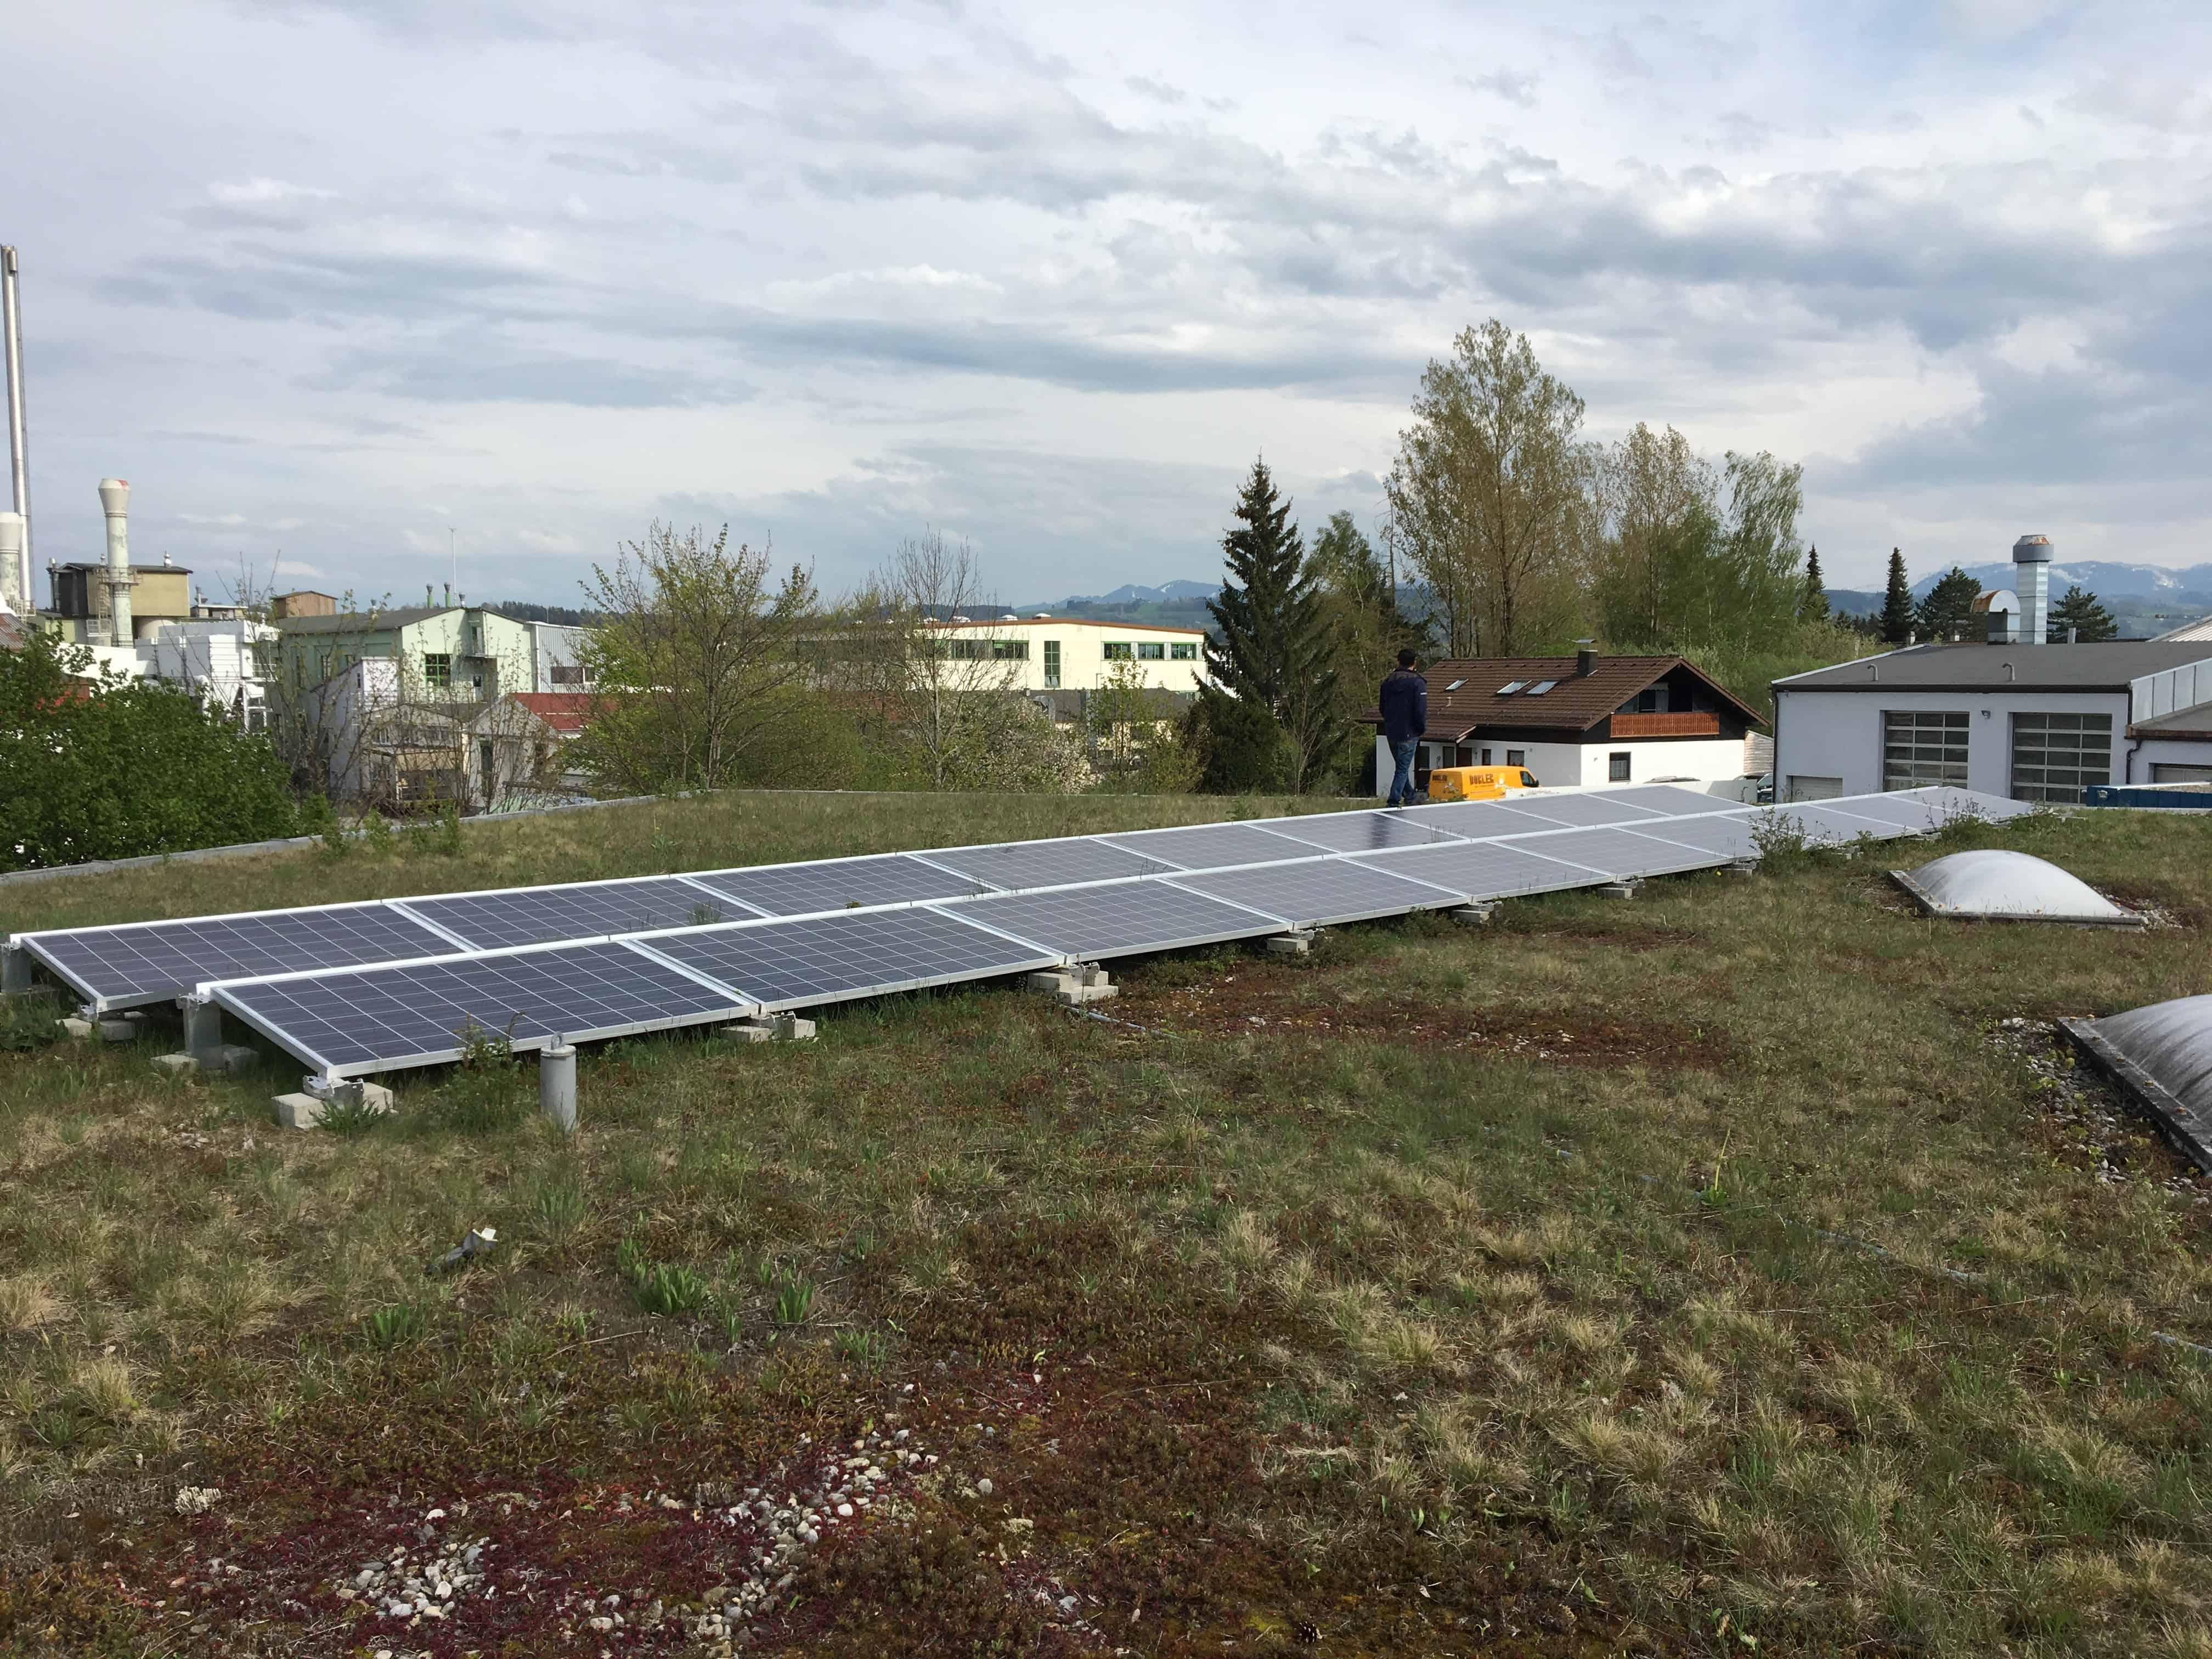 Photovoltaikanlage auf dem Dach von Volvo Heinz & Marx in Kempten (Allgäu)